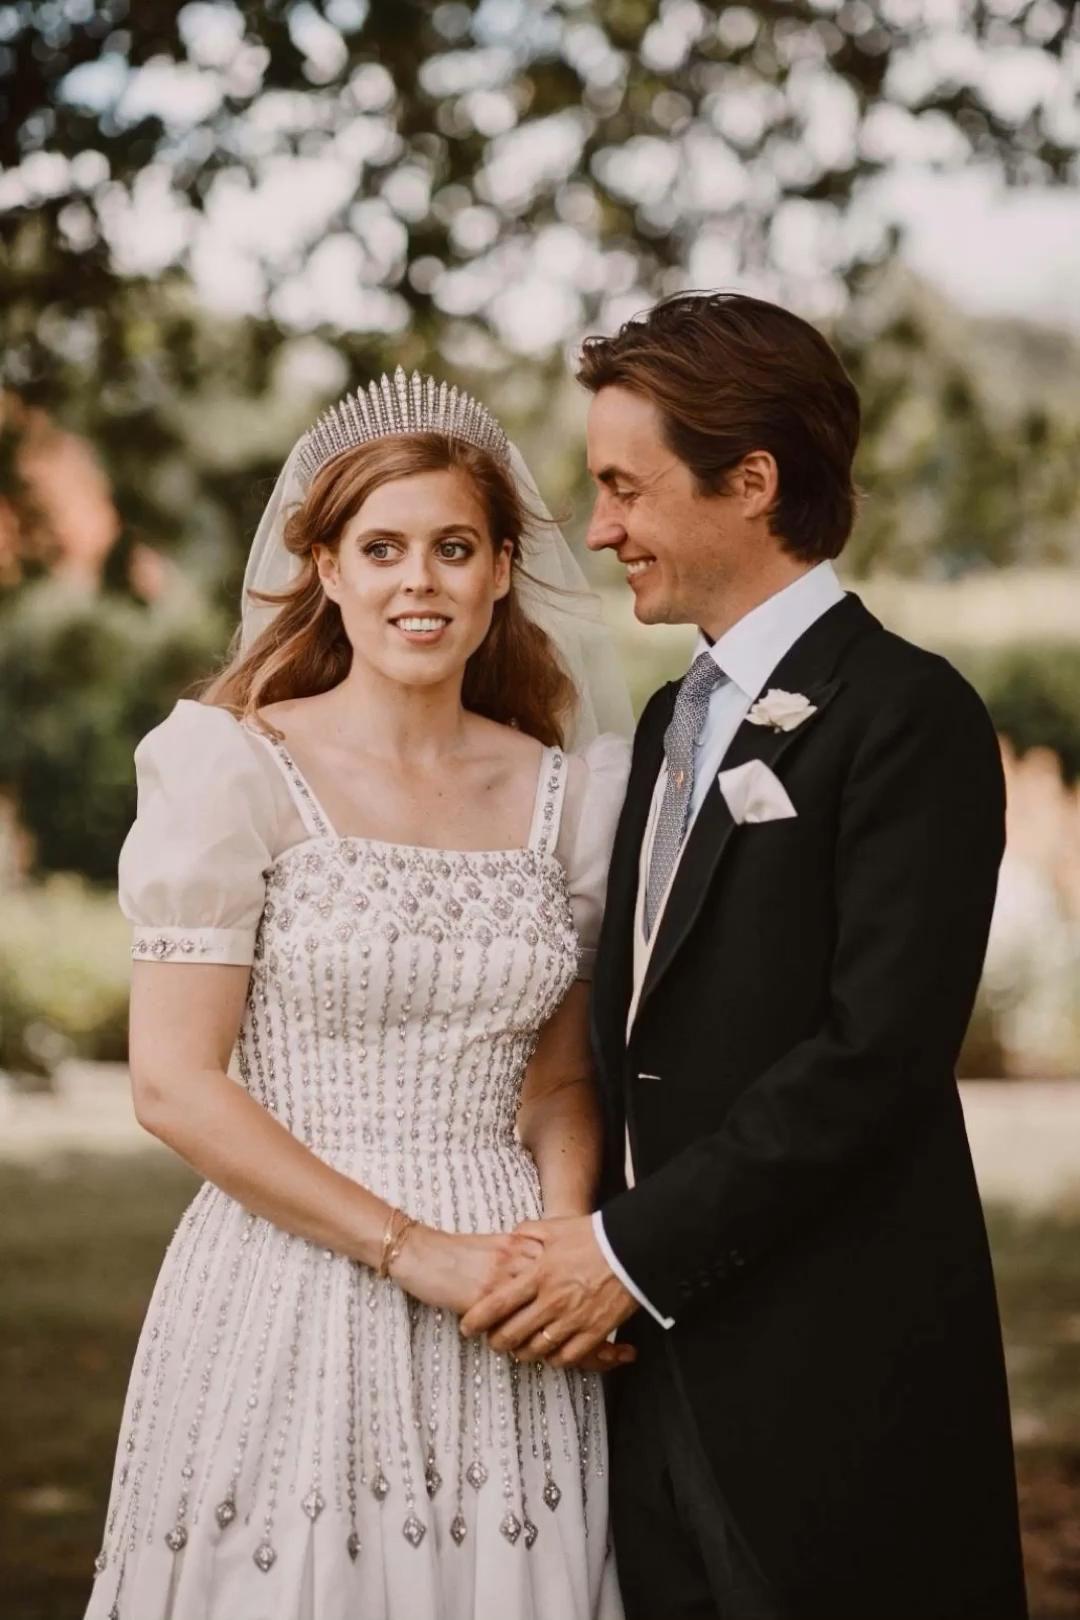 Prinzessin Beatrice Ihr Brautkleid Ist Eine Hommage An Die Queen Video Video Princess Beatrice Wedding Royal Brides Princess Beatrice